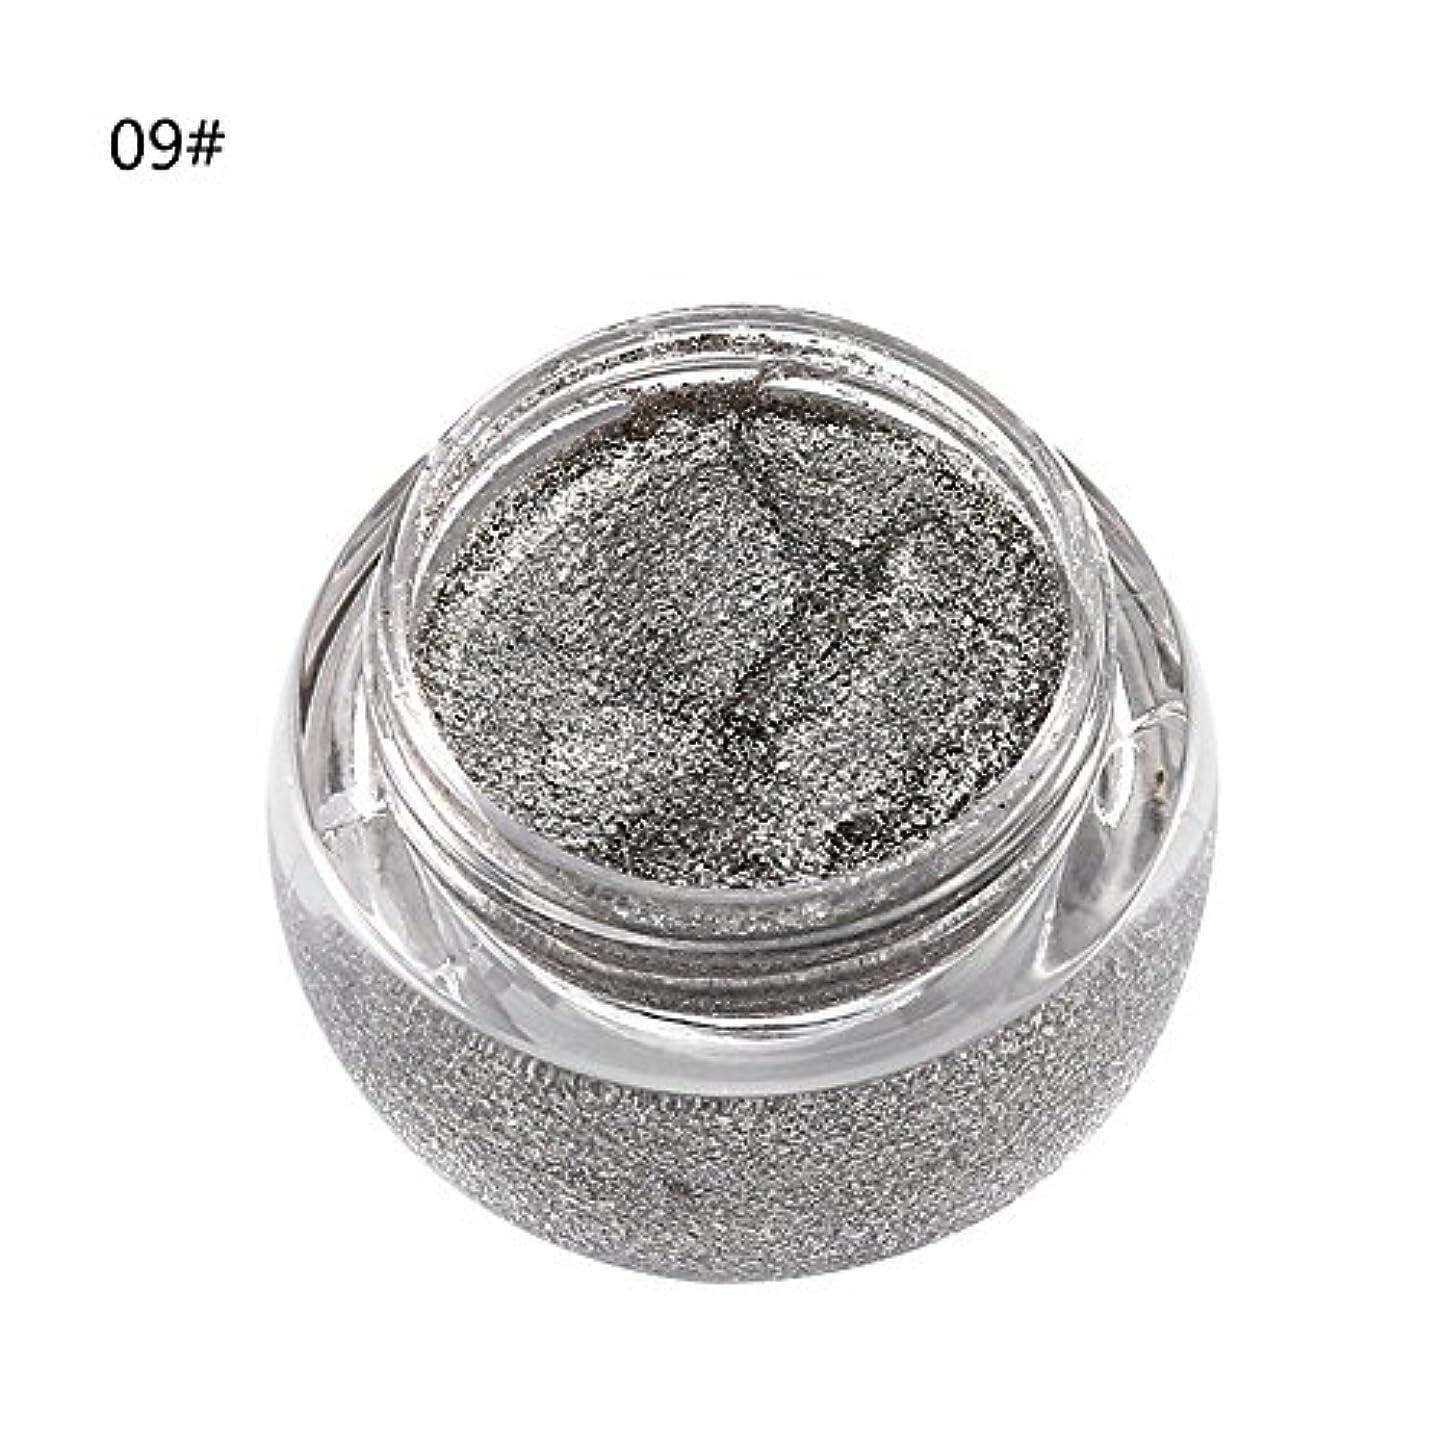 適合マイクロプロセッサ休眠アイシャドウ 単色 化粧品 光沢 保湿 キラキラ 美しい タイプ 09